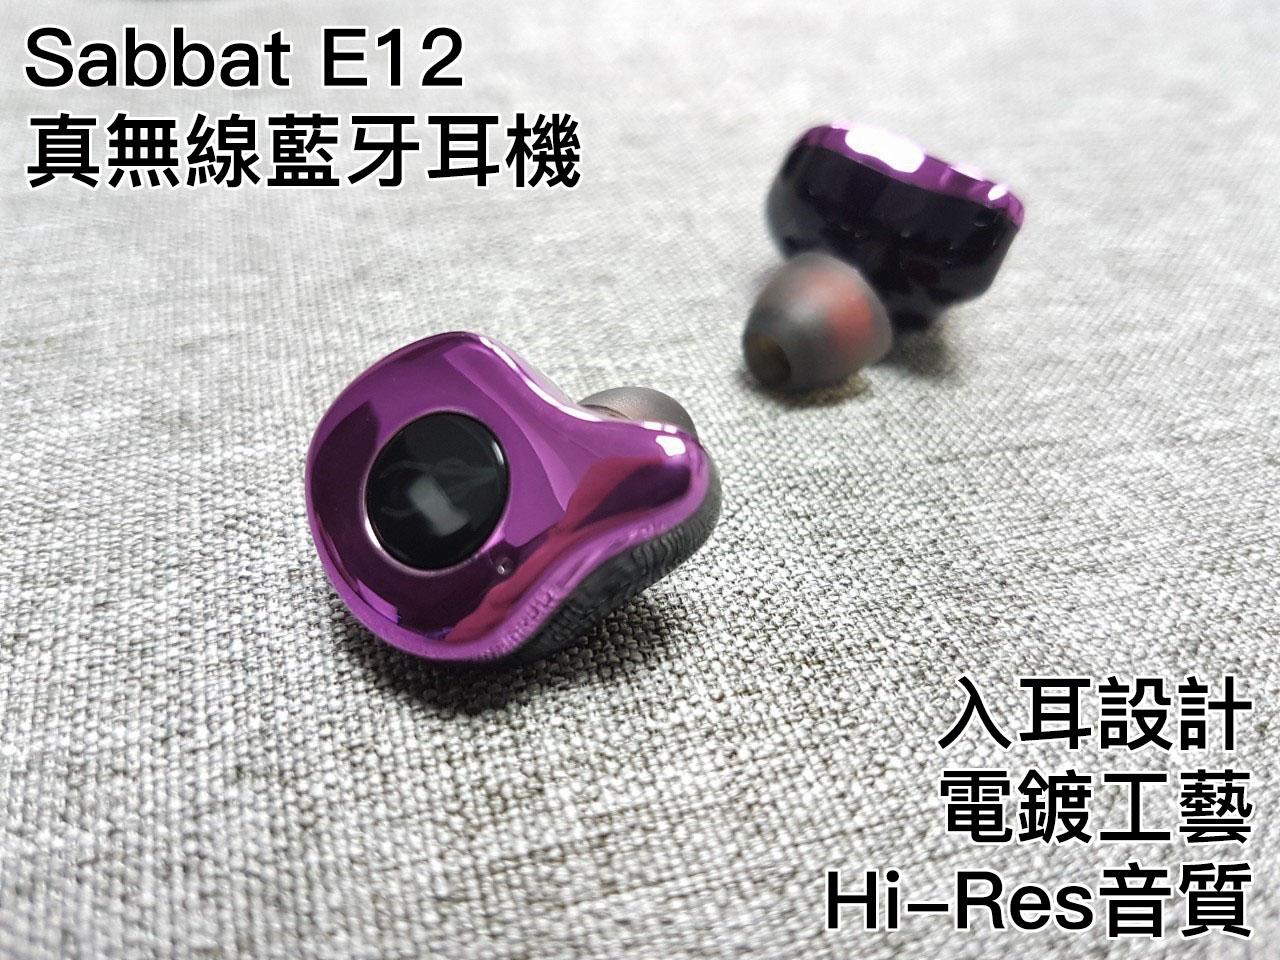 Sabbat e12真無線耳機